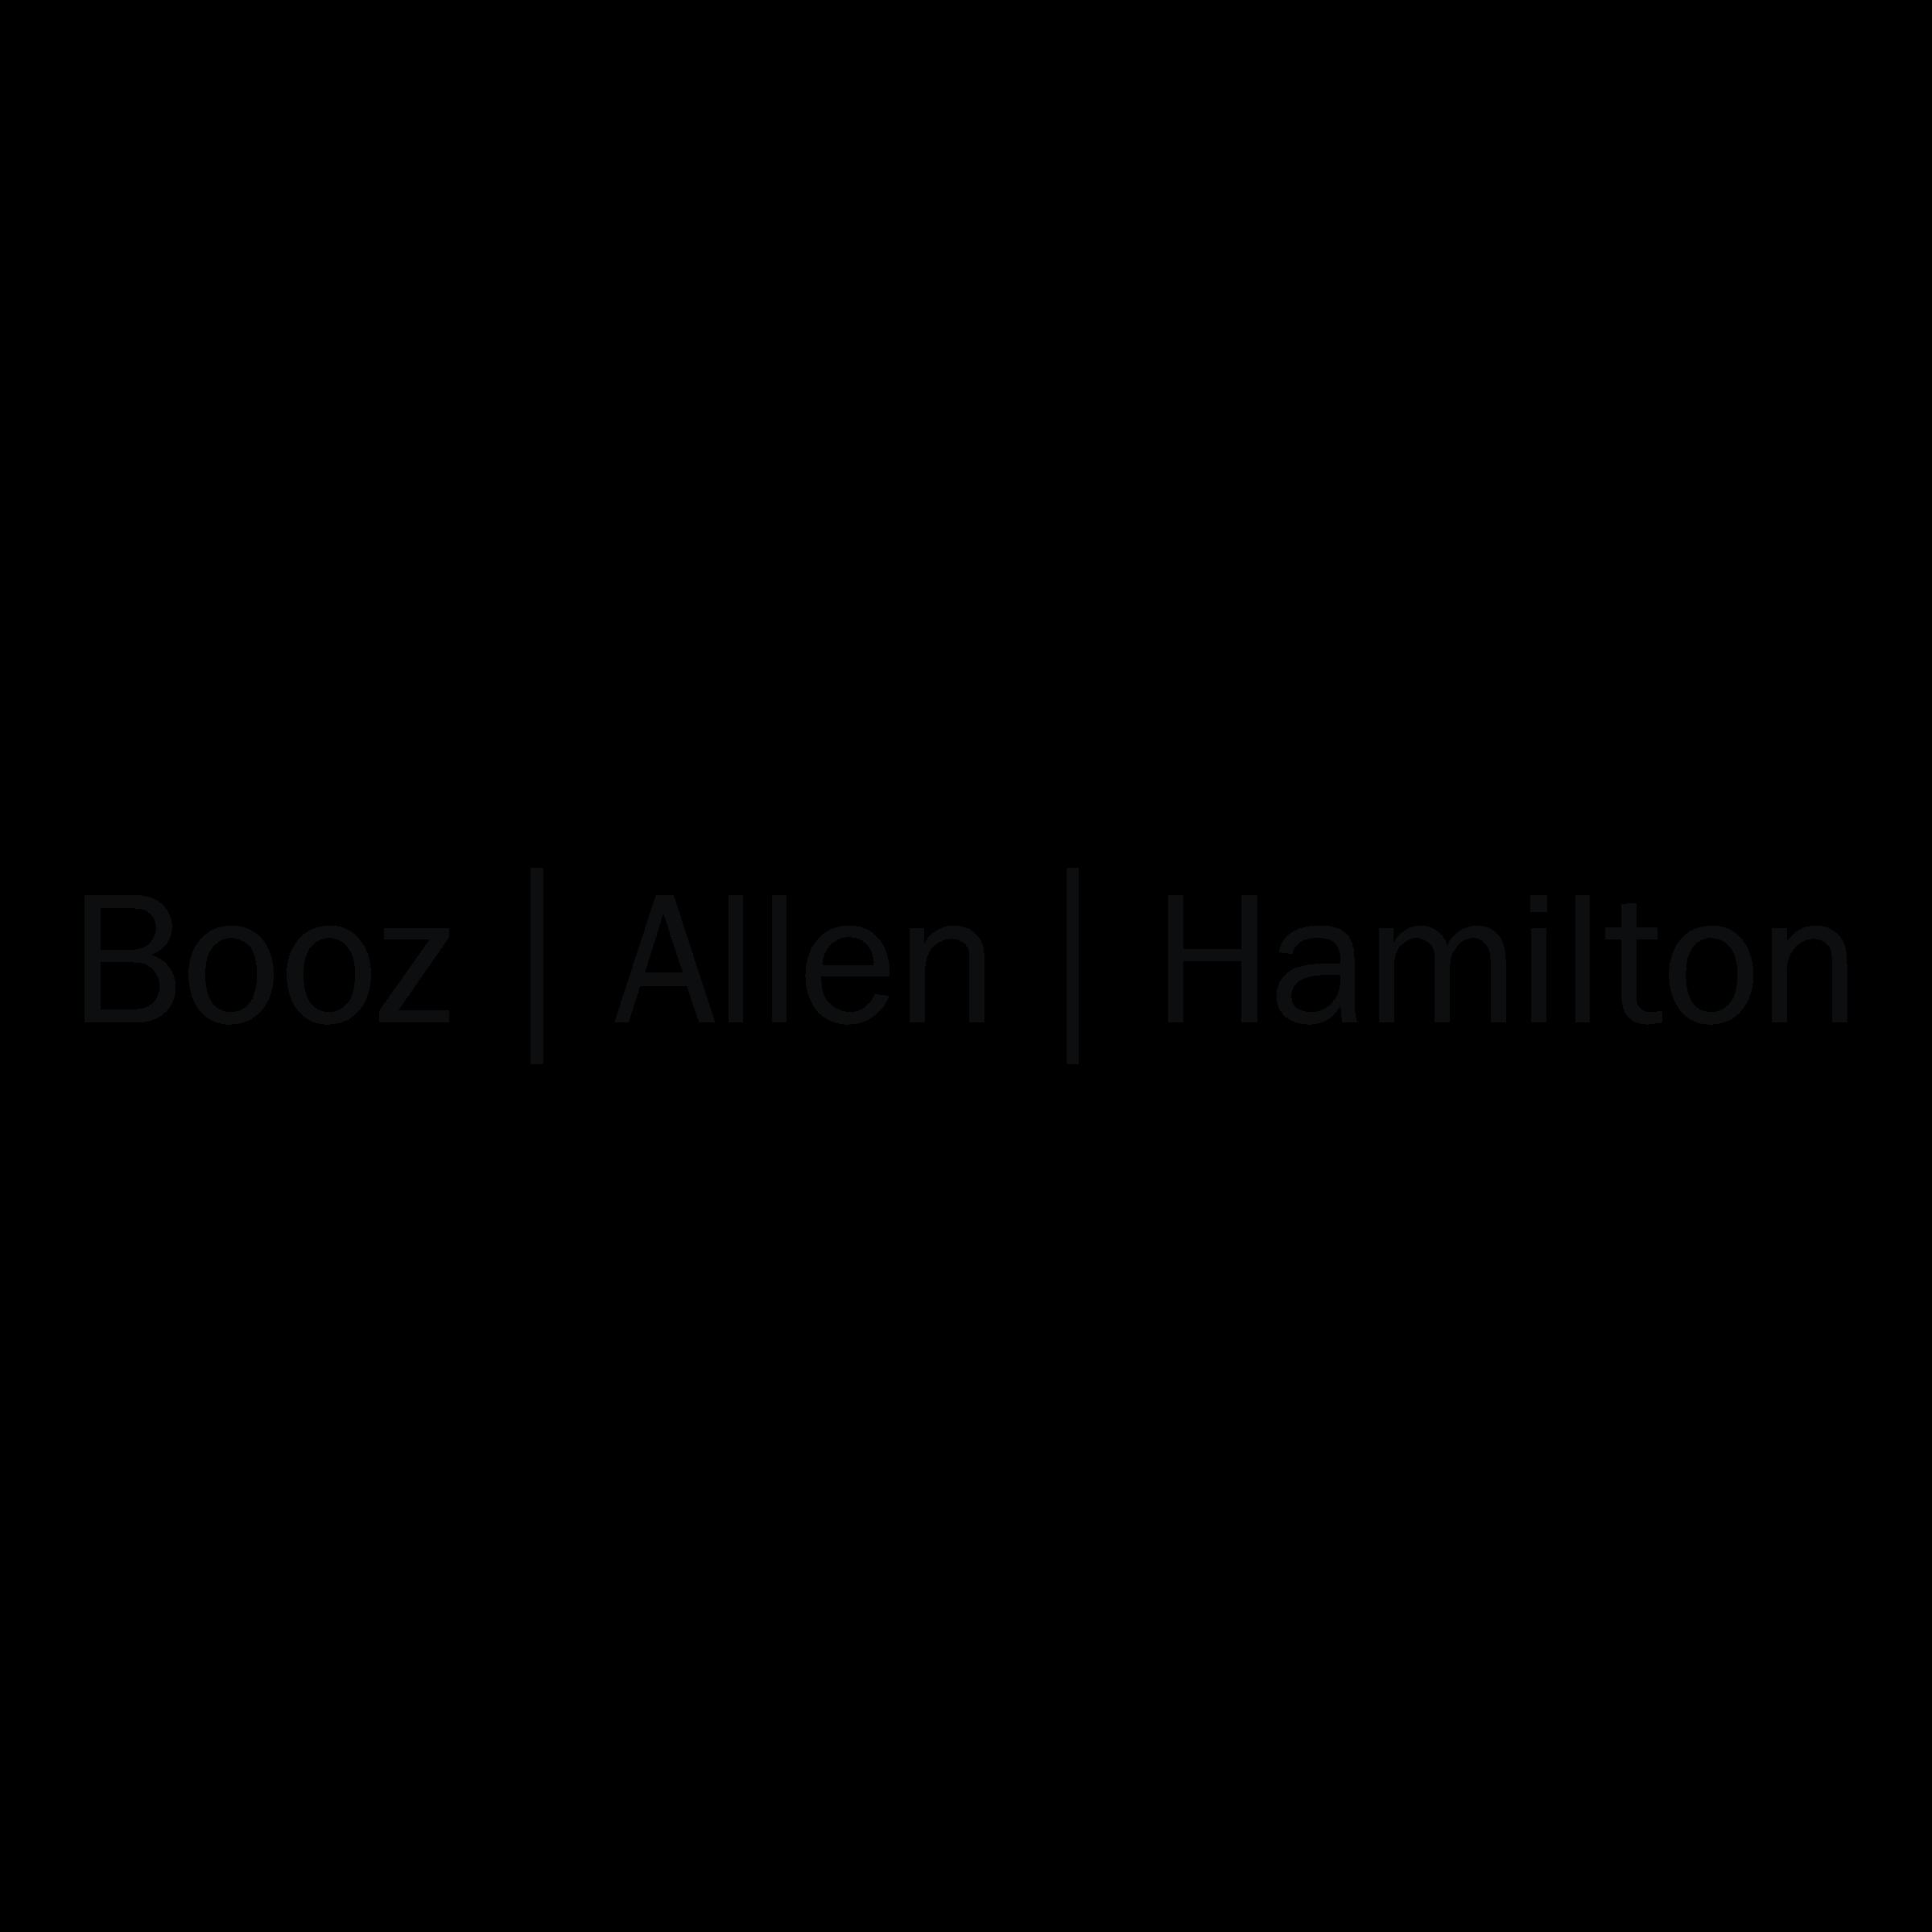 booz-allen-hamilton-01-logo-png-transparent.png